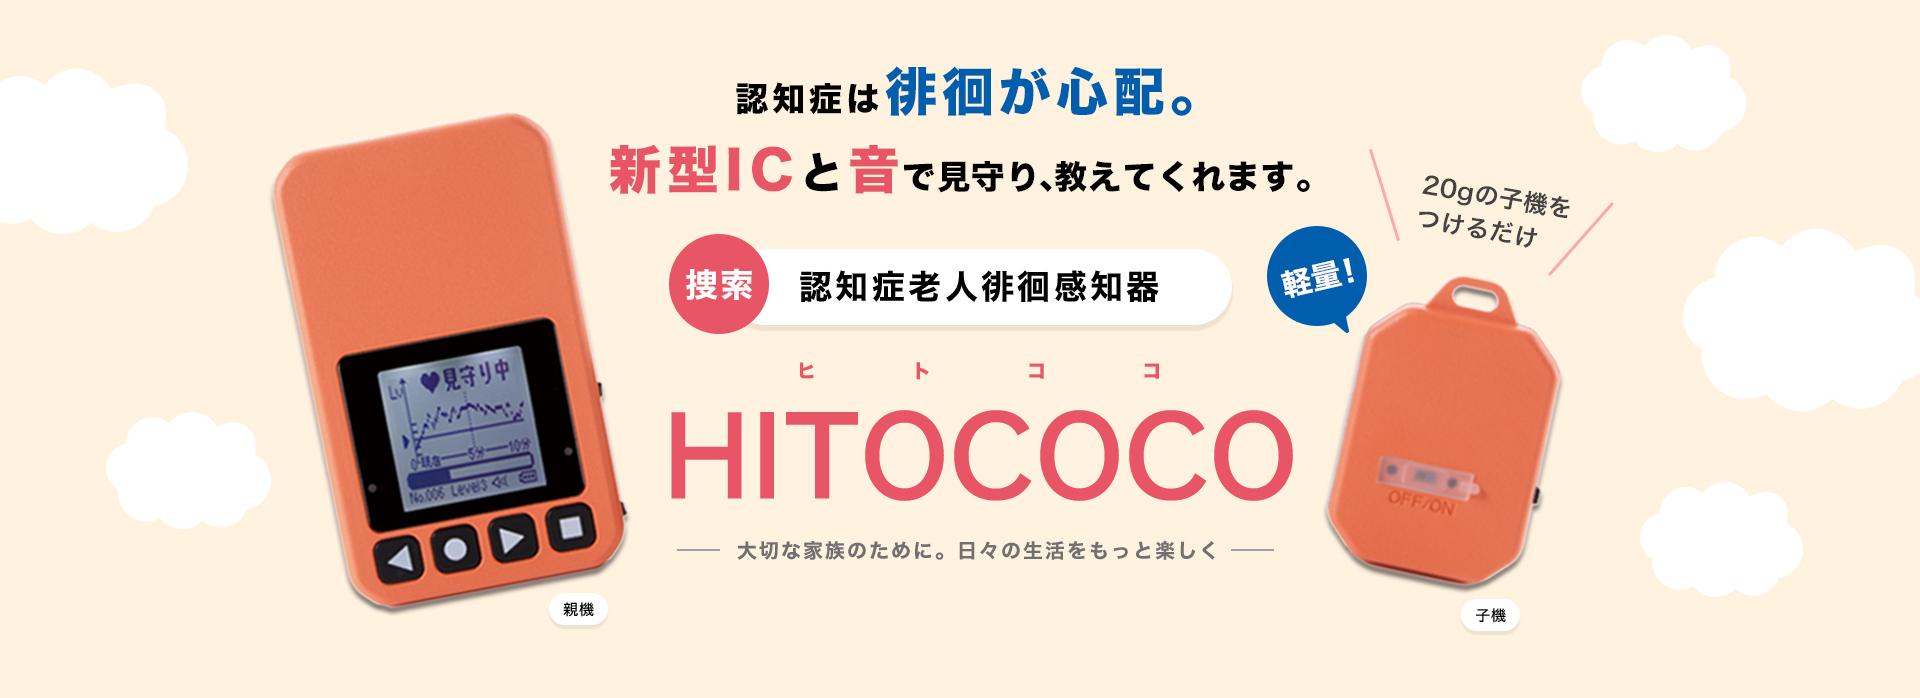 認知症は徘徊が心配。新型ICと音で見守り、教えてくれます。捜索 認知症老人徘徊感知器 HITOCOCO(ヒトココ)